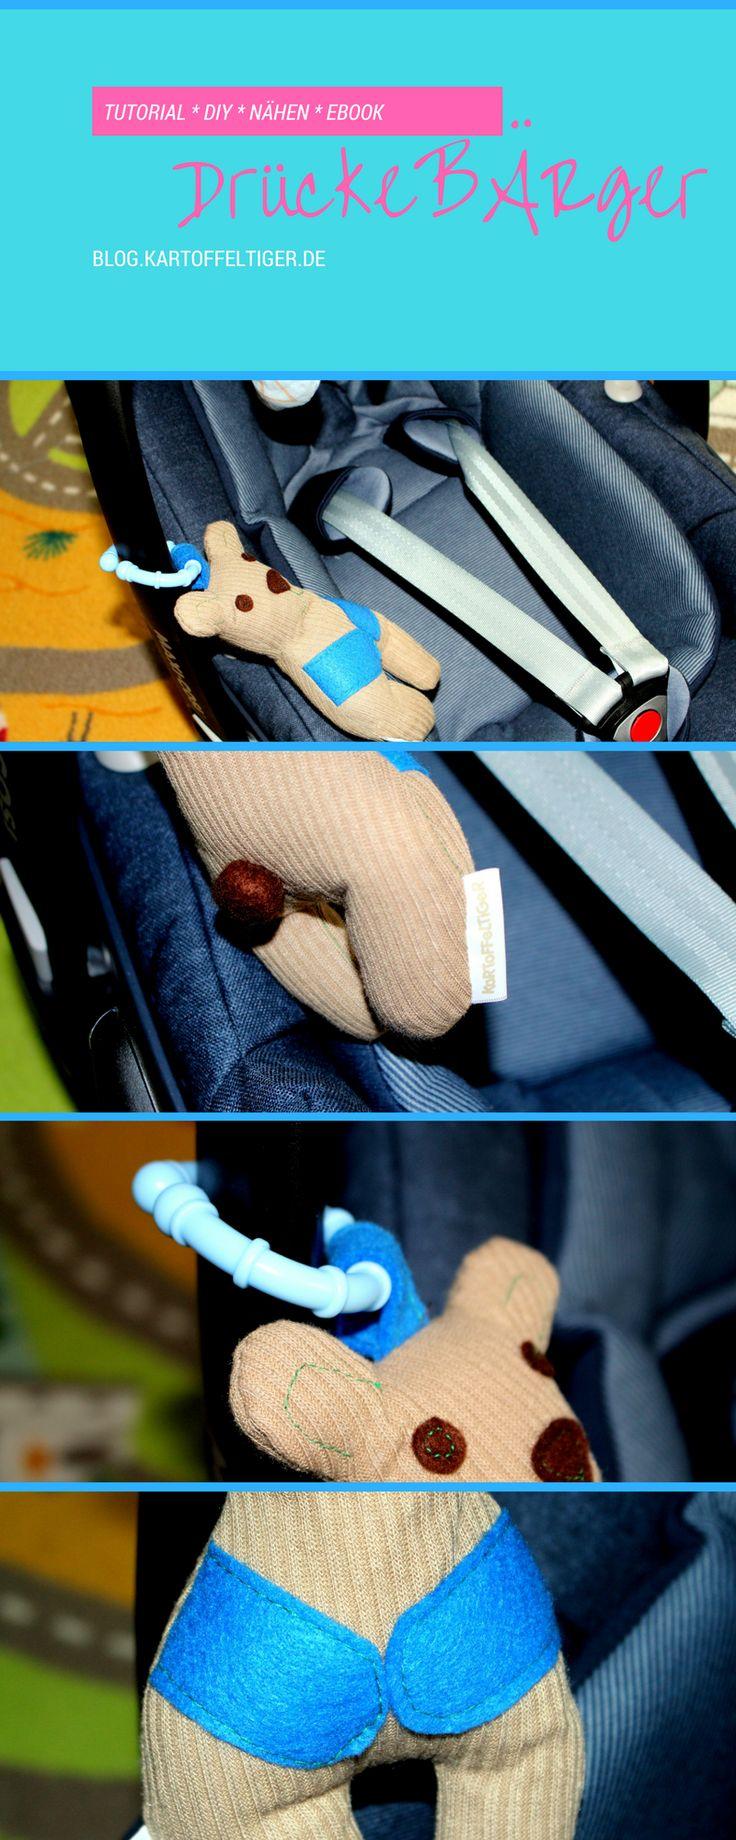 7 besten Herzbuben & Rabauken Bilder auf Pinterest | Stoffe, Affen ...